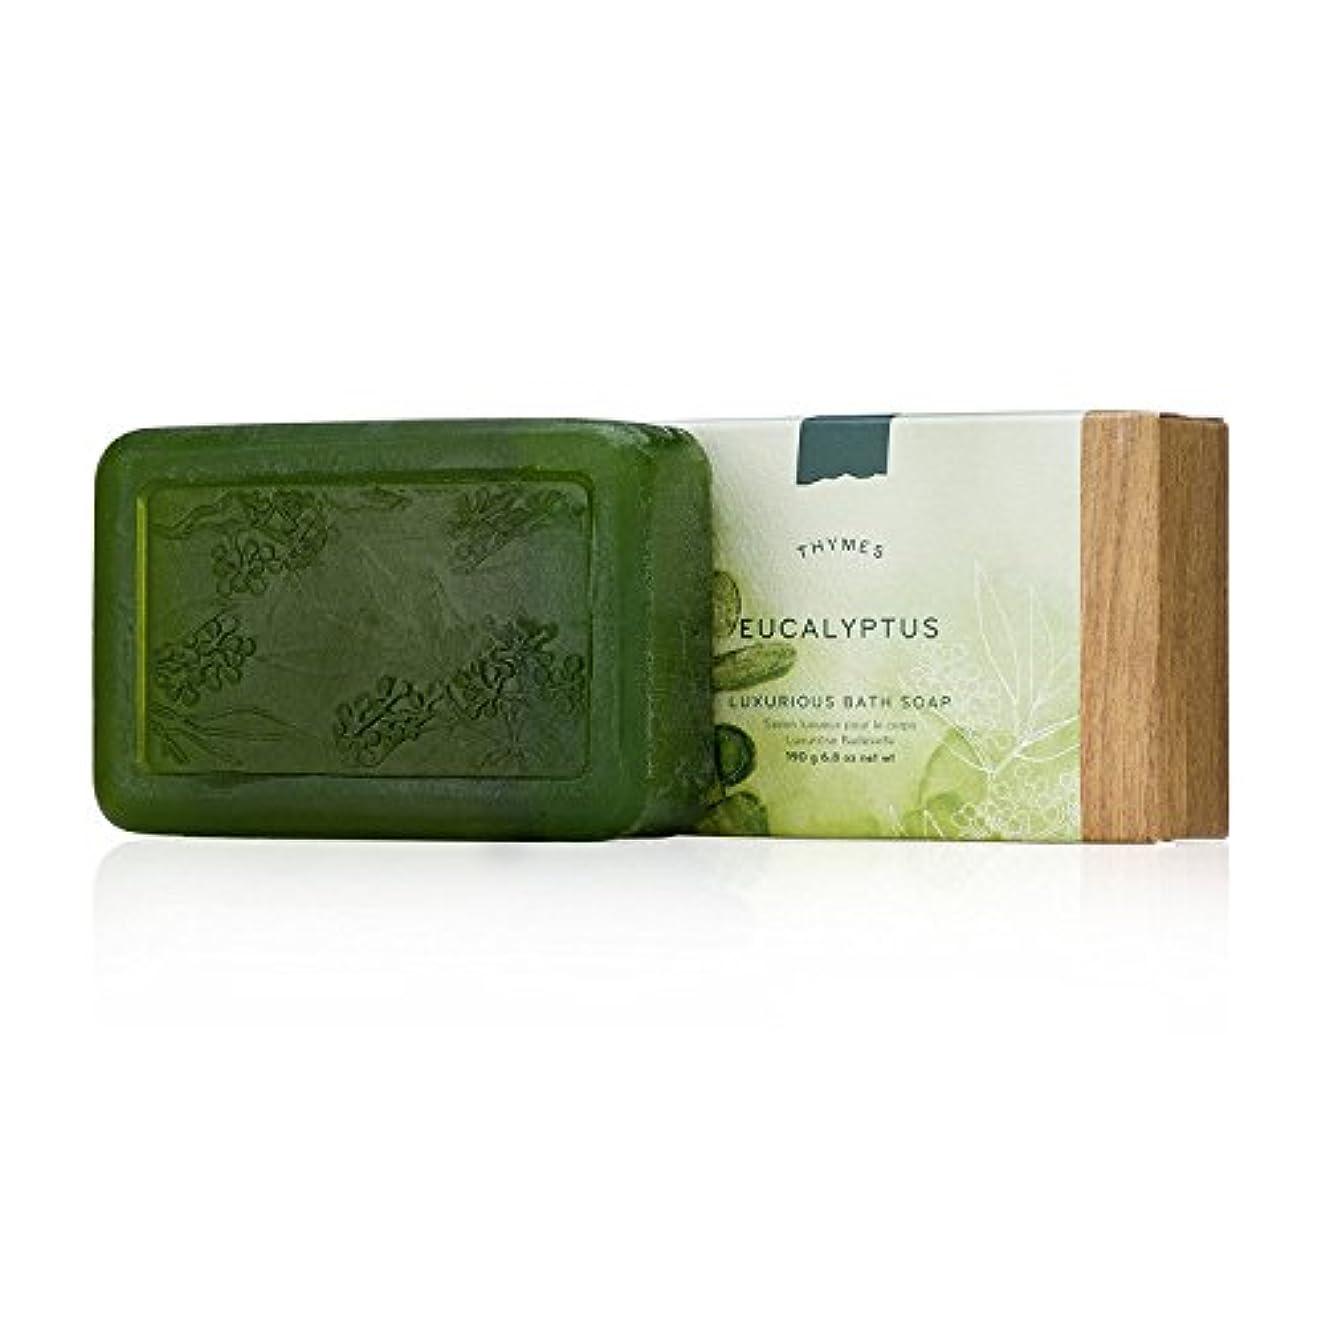 純正百万錆びタイムズ Eucalyptus Luxurious Bath Soap 190g/6.8oz